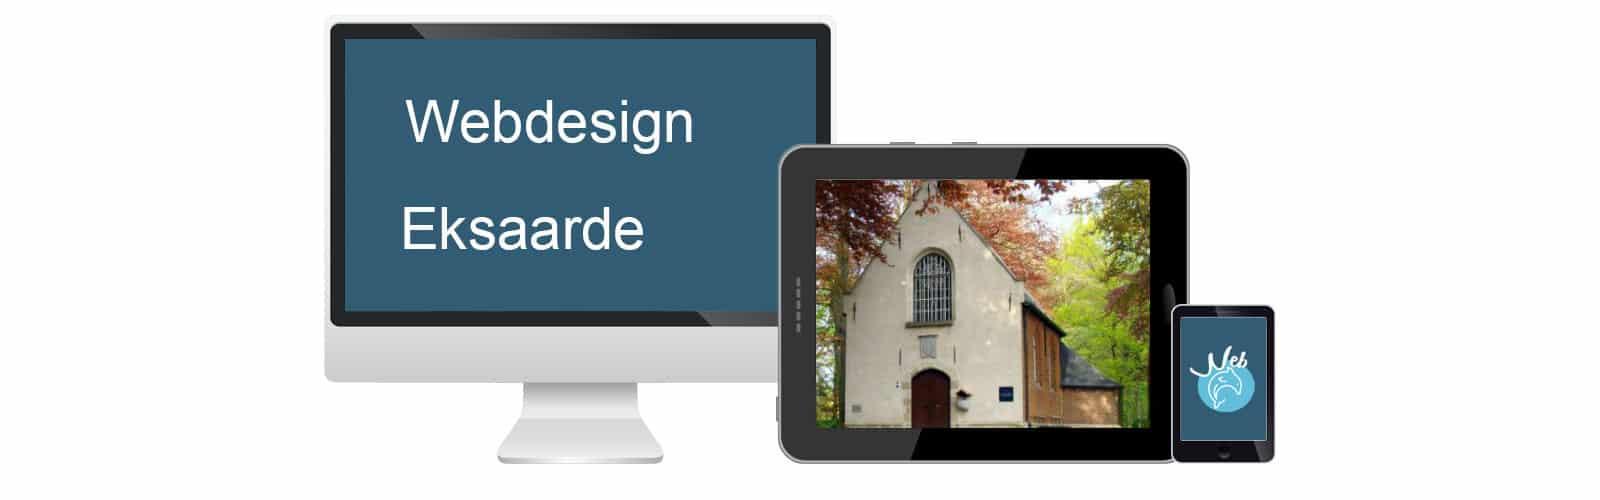 Webdesign Eksaarde - webdolfijn